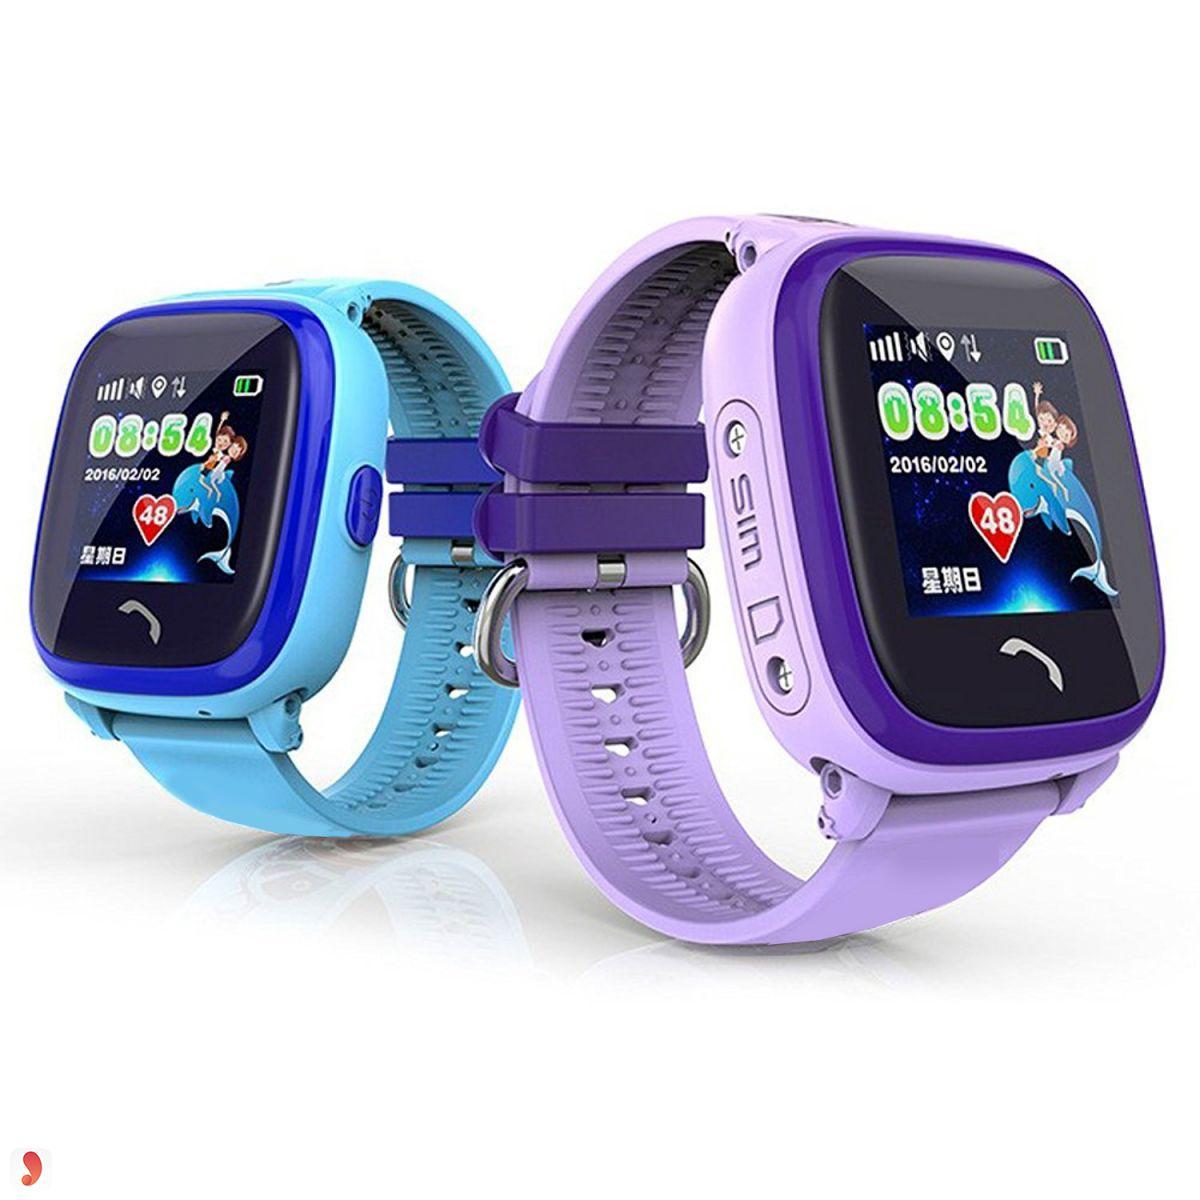 Đồng hồ định vị trẻ em Kareme 1